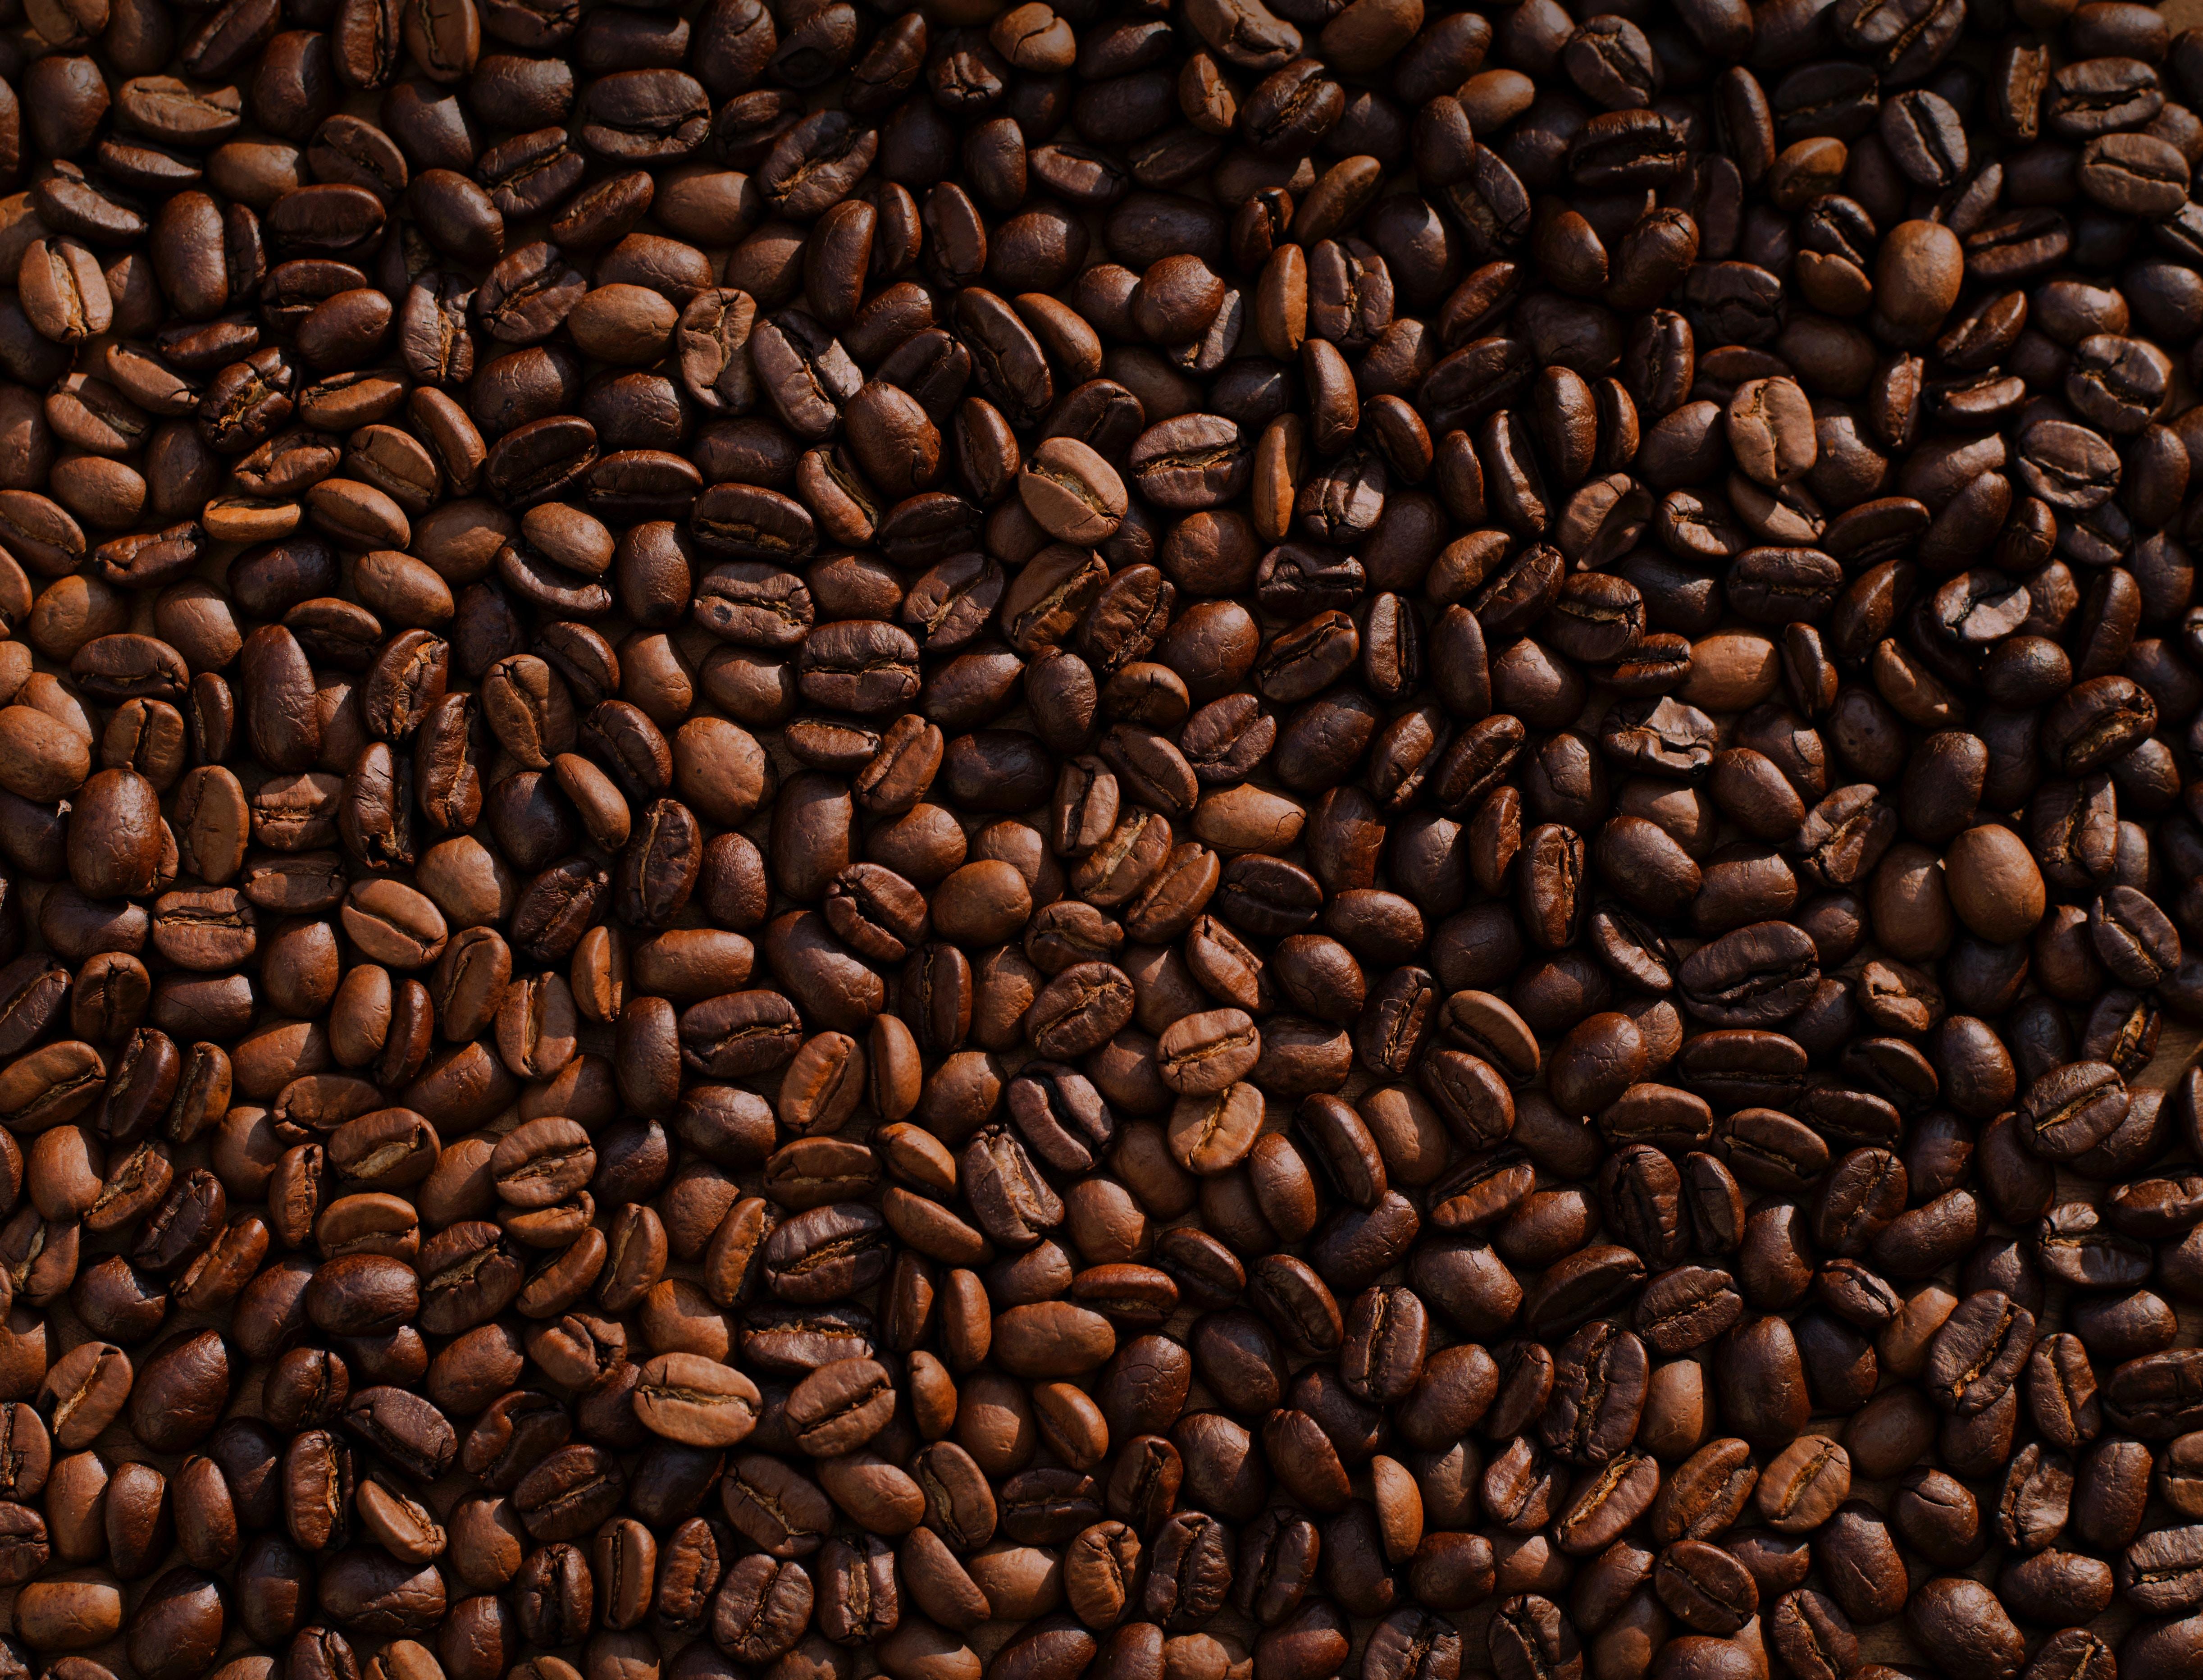 Студія deco запускає телеграм-бота для швидкої доставки кави, шукає партнерів